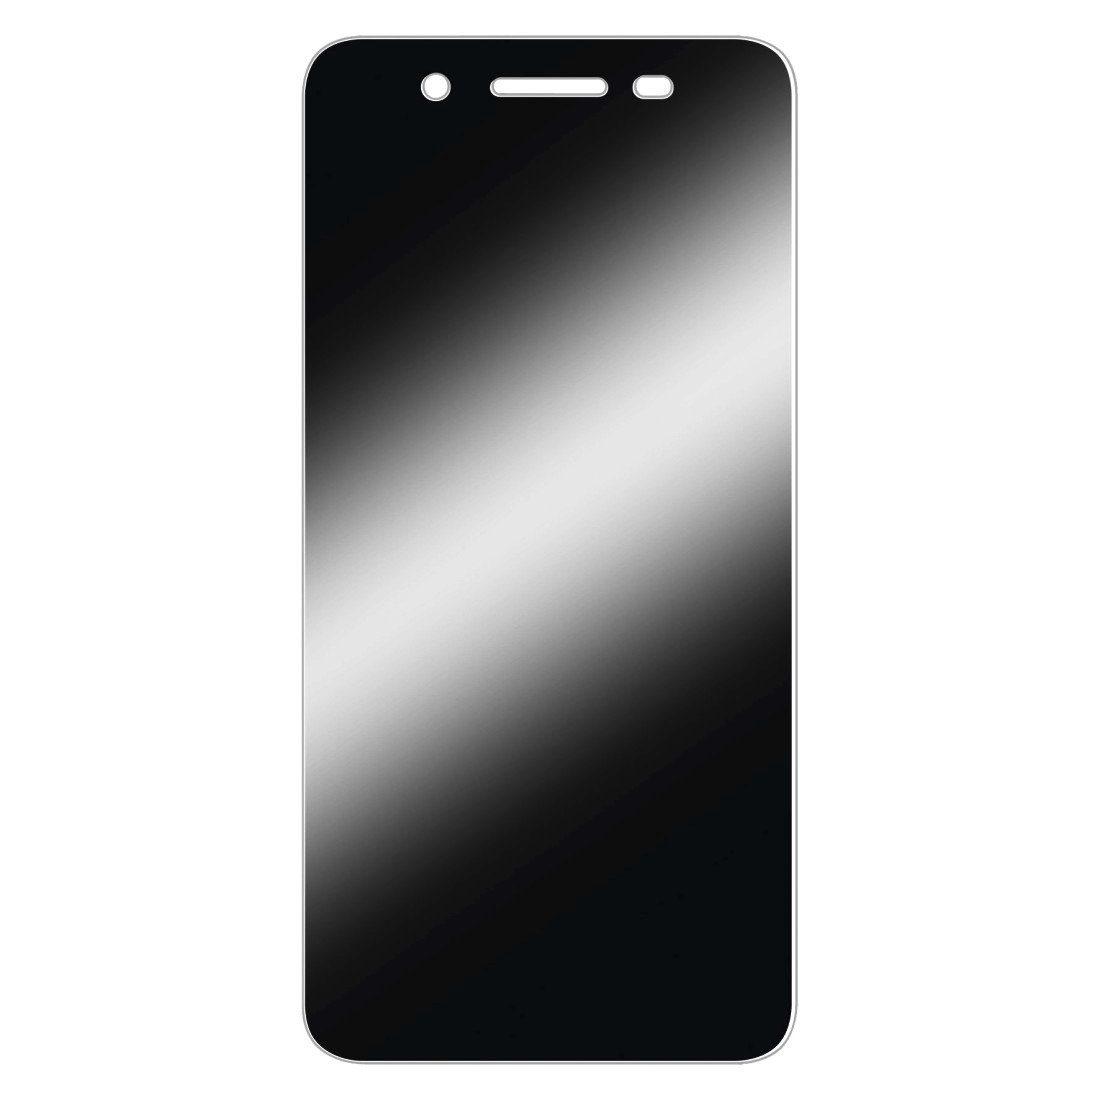 Hama Display-Schutzfolie Crystal Clear für Huawei GR3/P8 Lite Smart